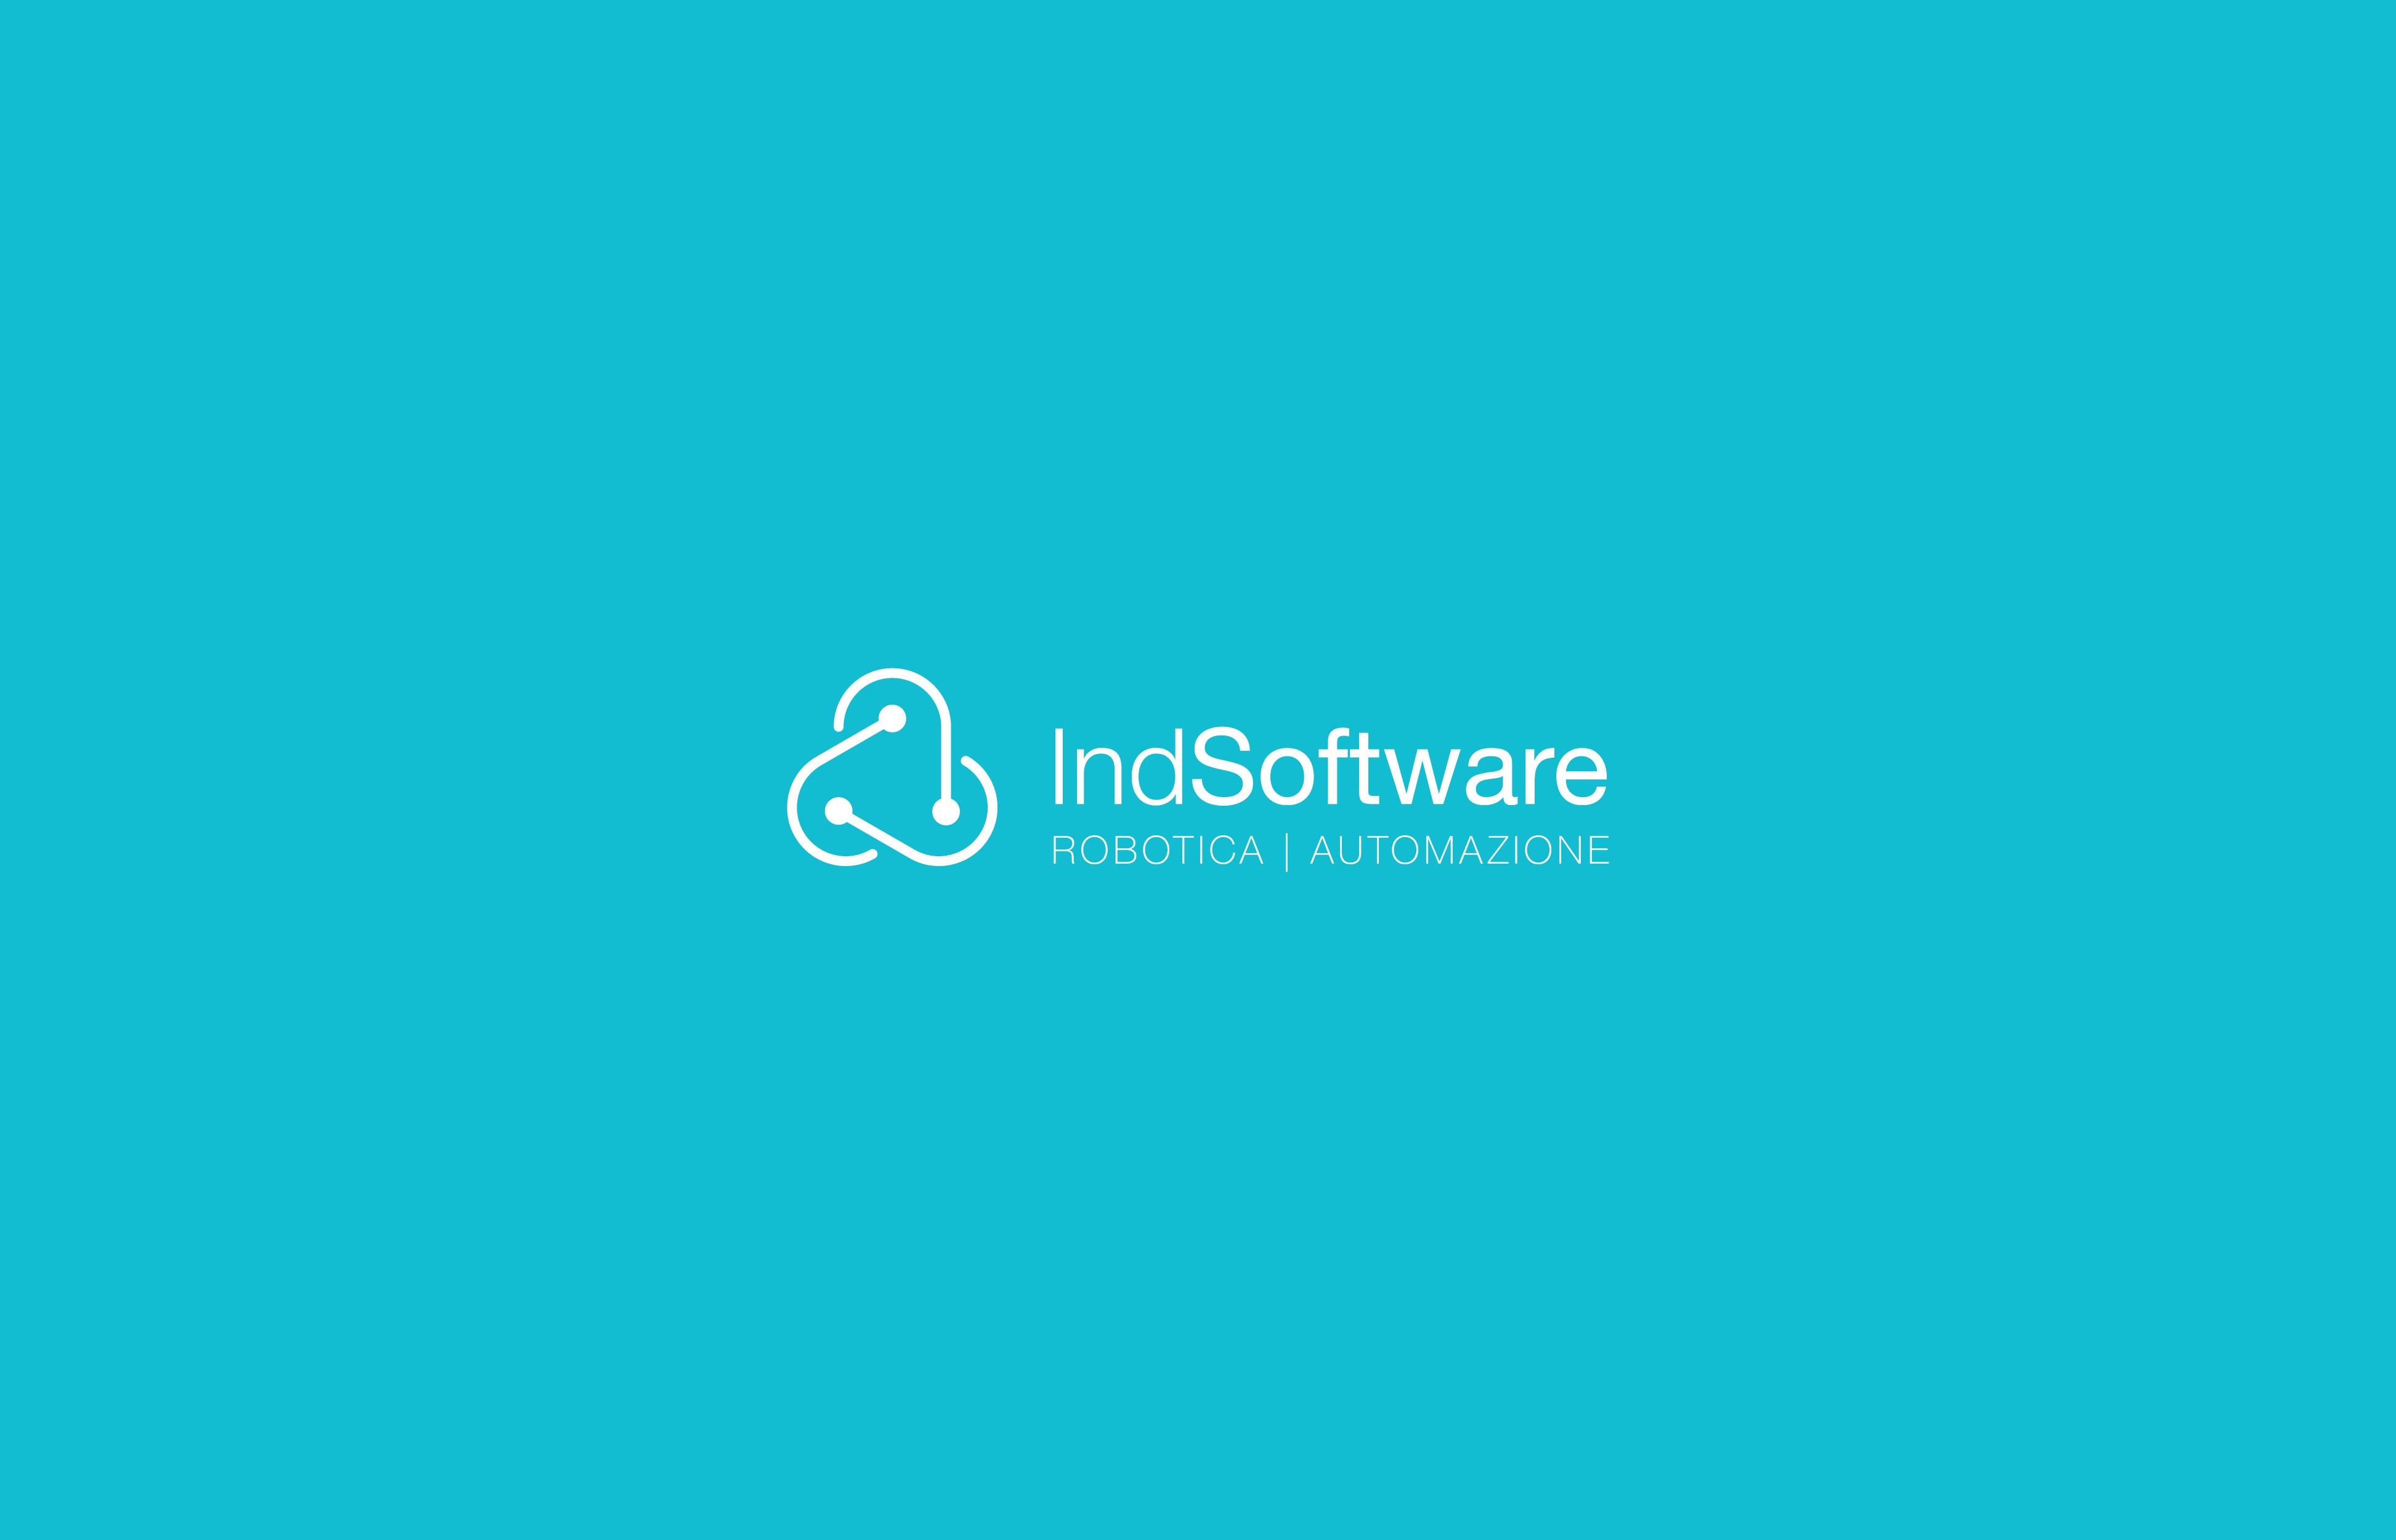 indsoftware-05